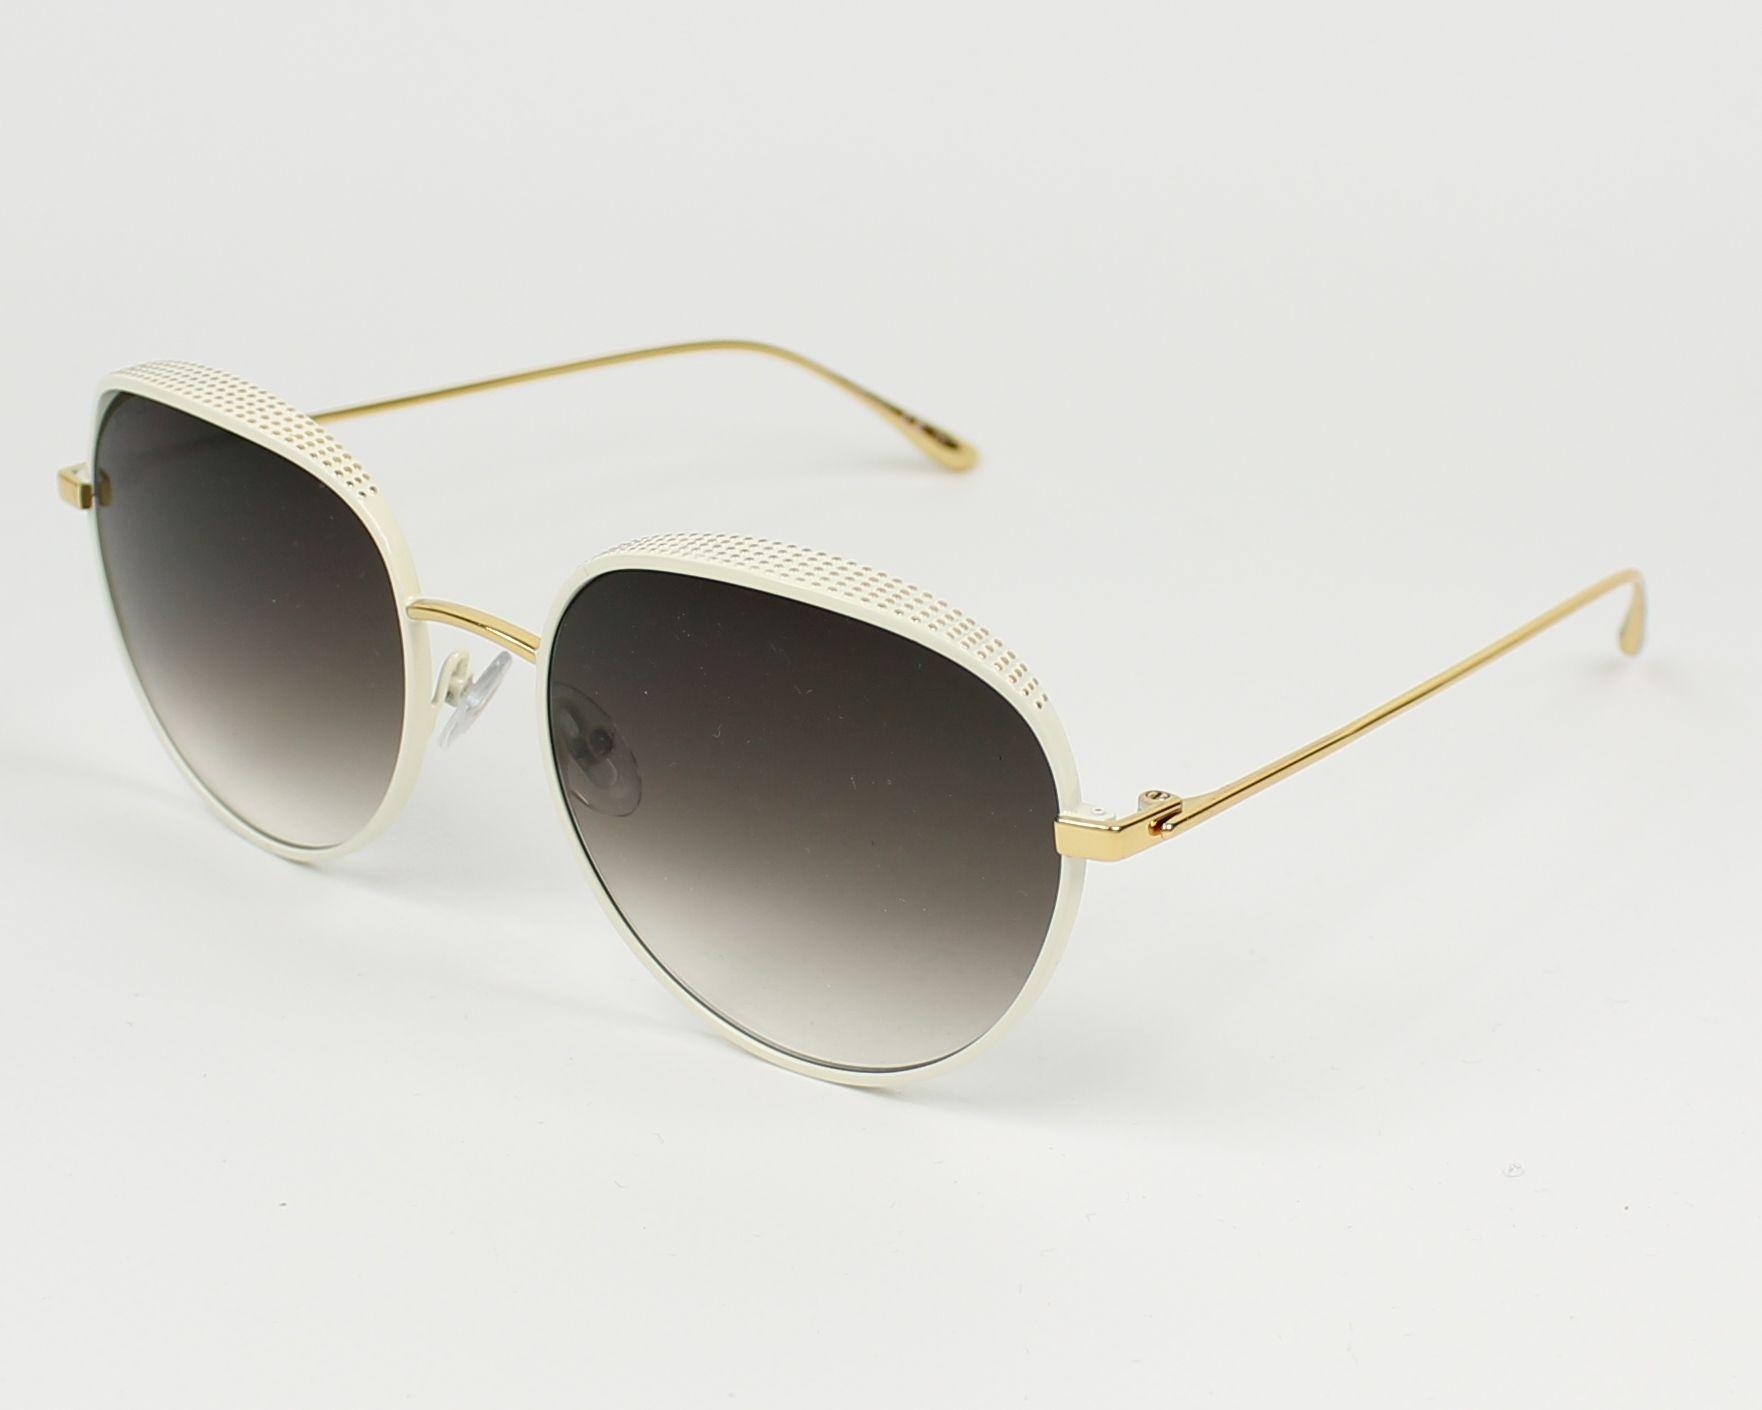 Jimmy Choo Ello/S Sonnenbrille Weiß und Gold ONR 56mm YfQu7vvCt